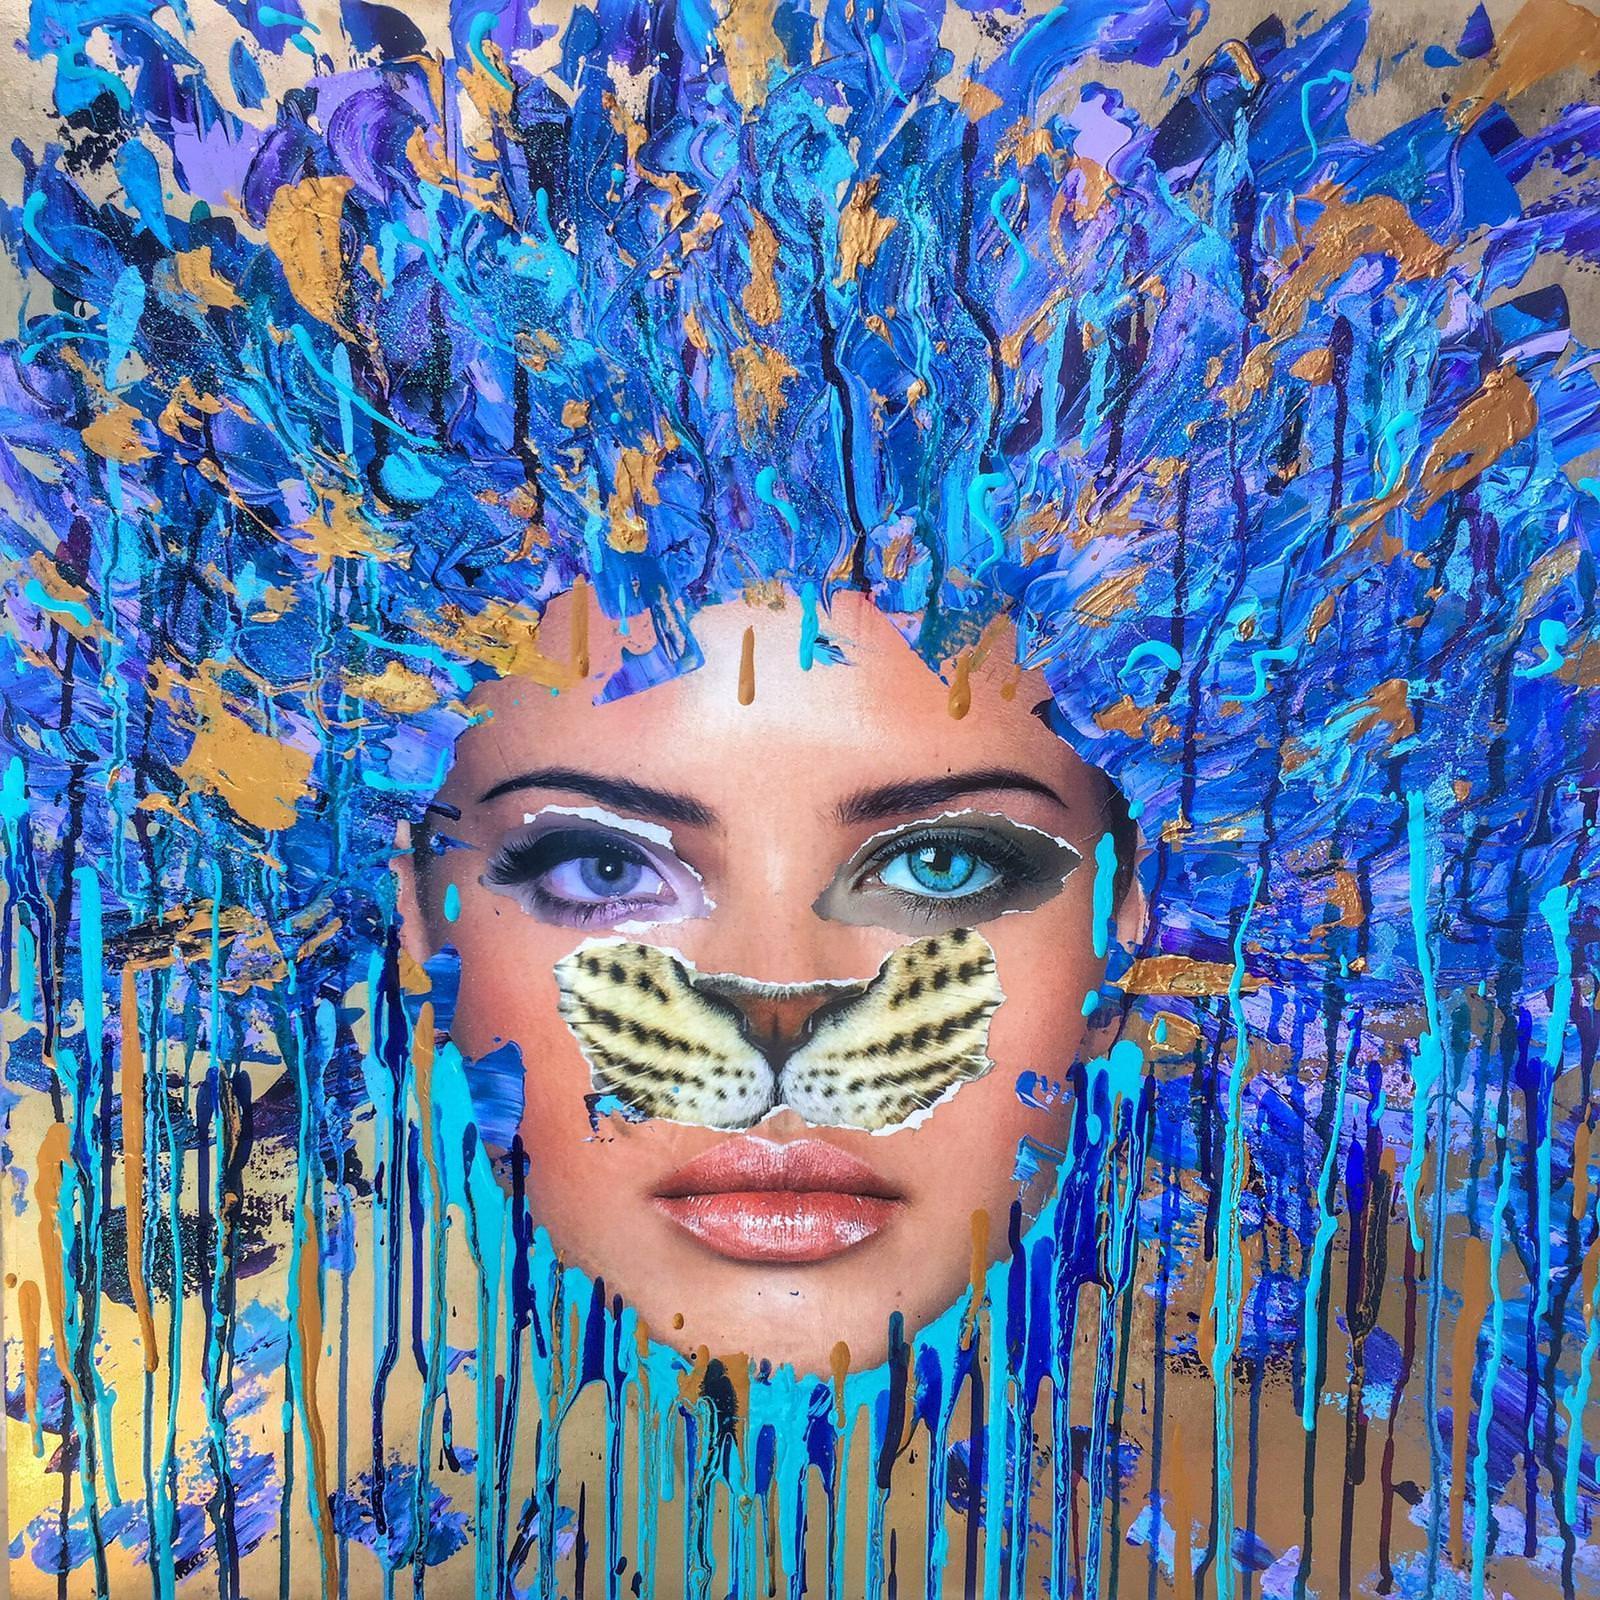 Blue tiger, 2016